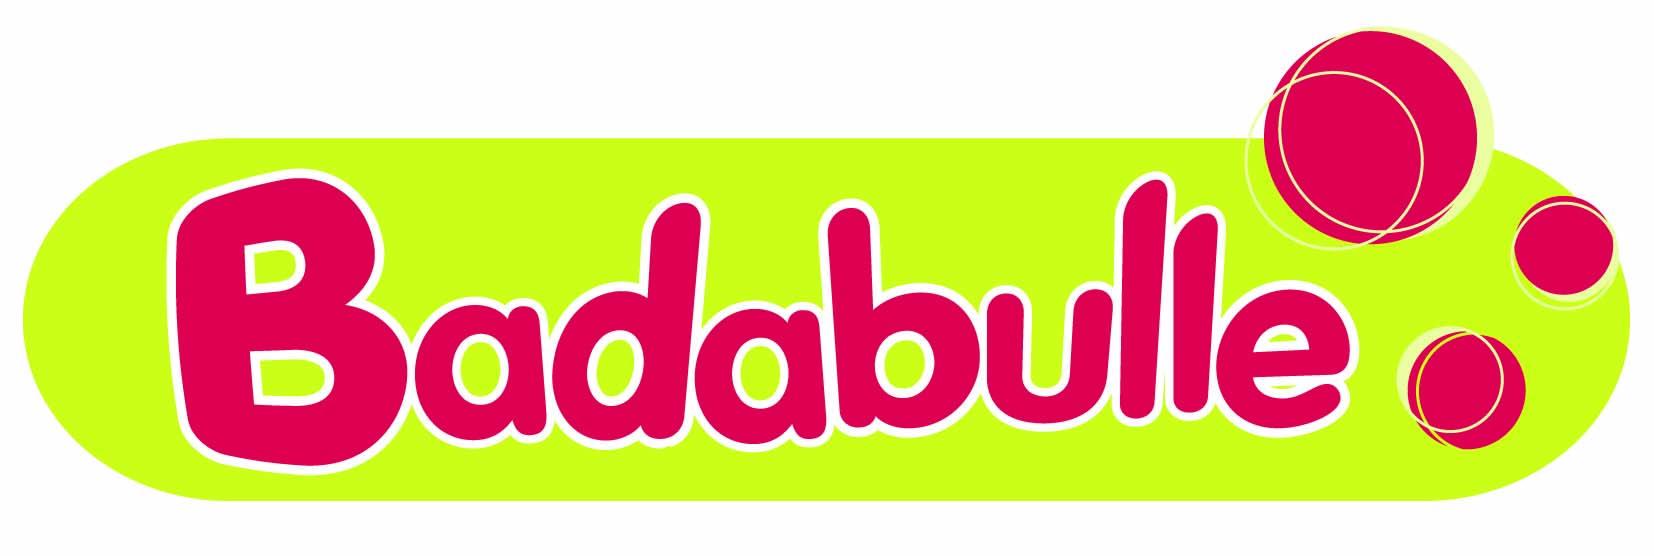 http://www.feminelles.com/wp-content/uploads/2010/10/Logo-Badabulle1.jpg